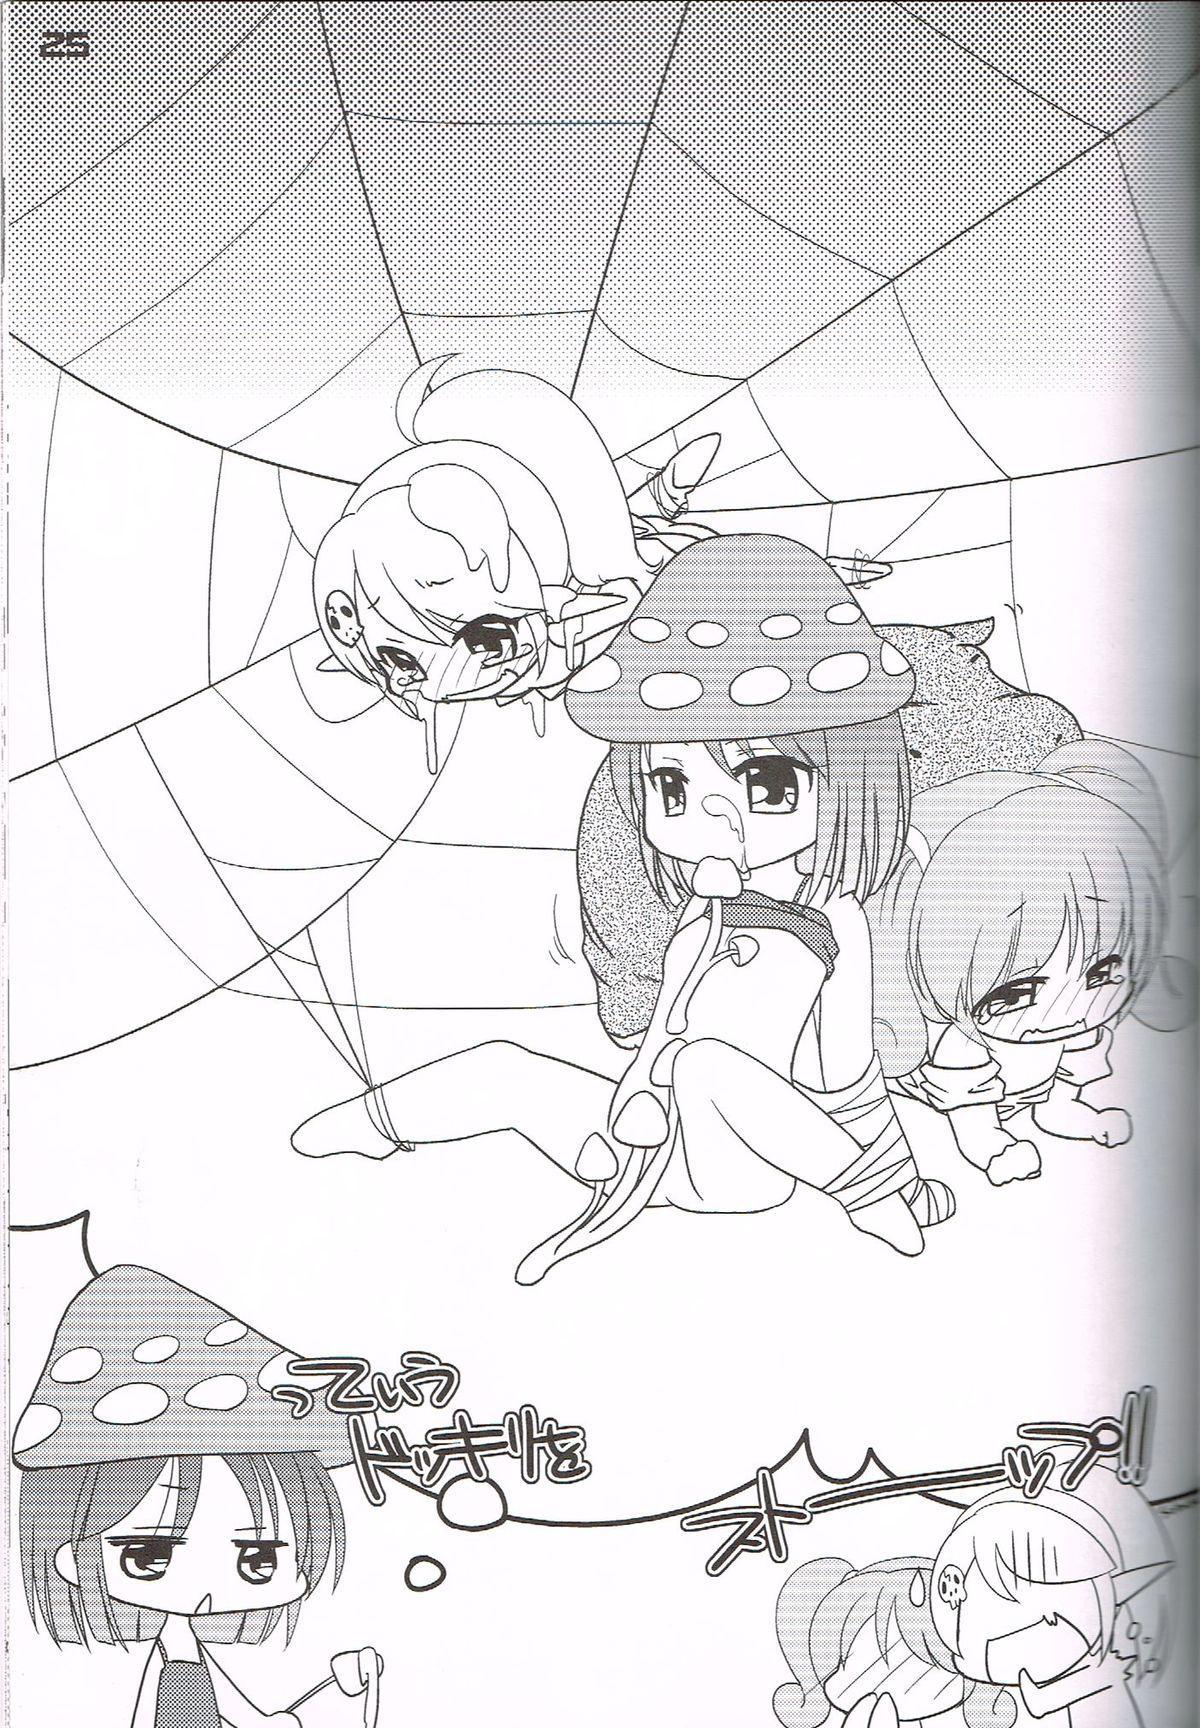 """Hatashite Konofuyu Nansatsu no Doujinshi ga """"○○ Fairies"""" Toiu Title Darouka 23"""